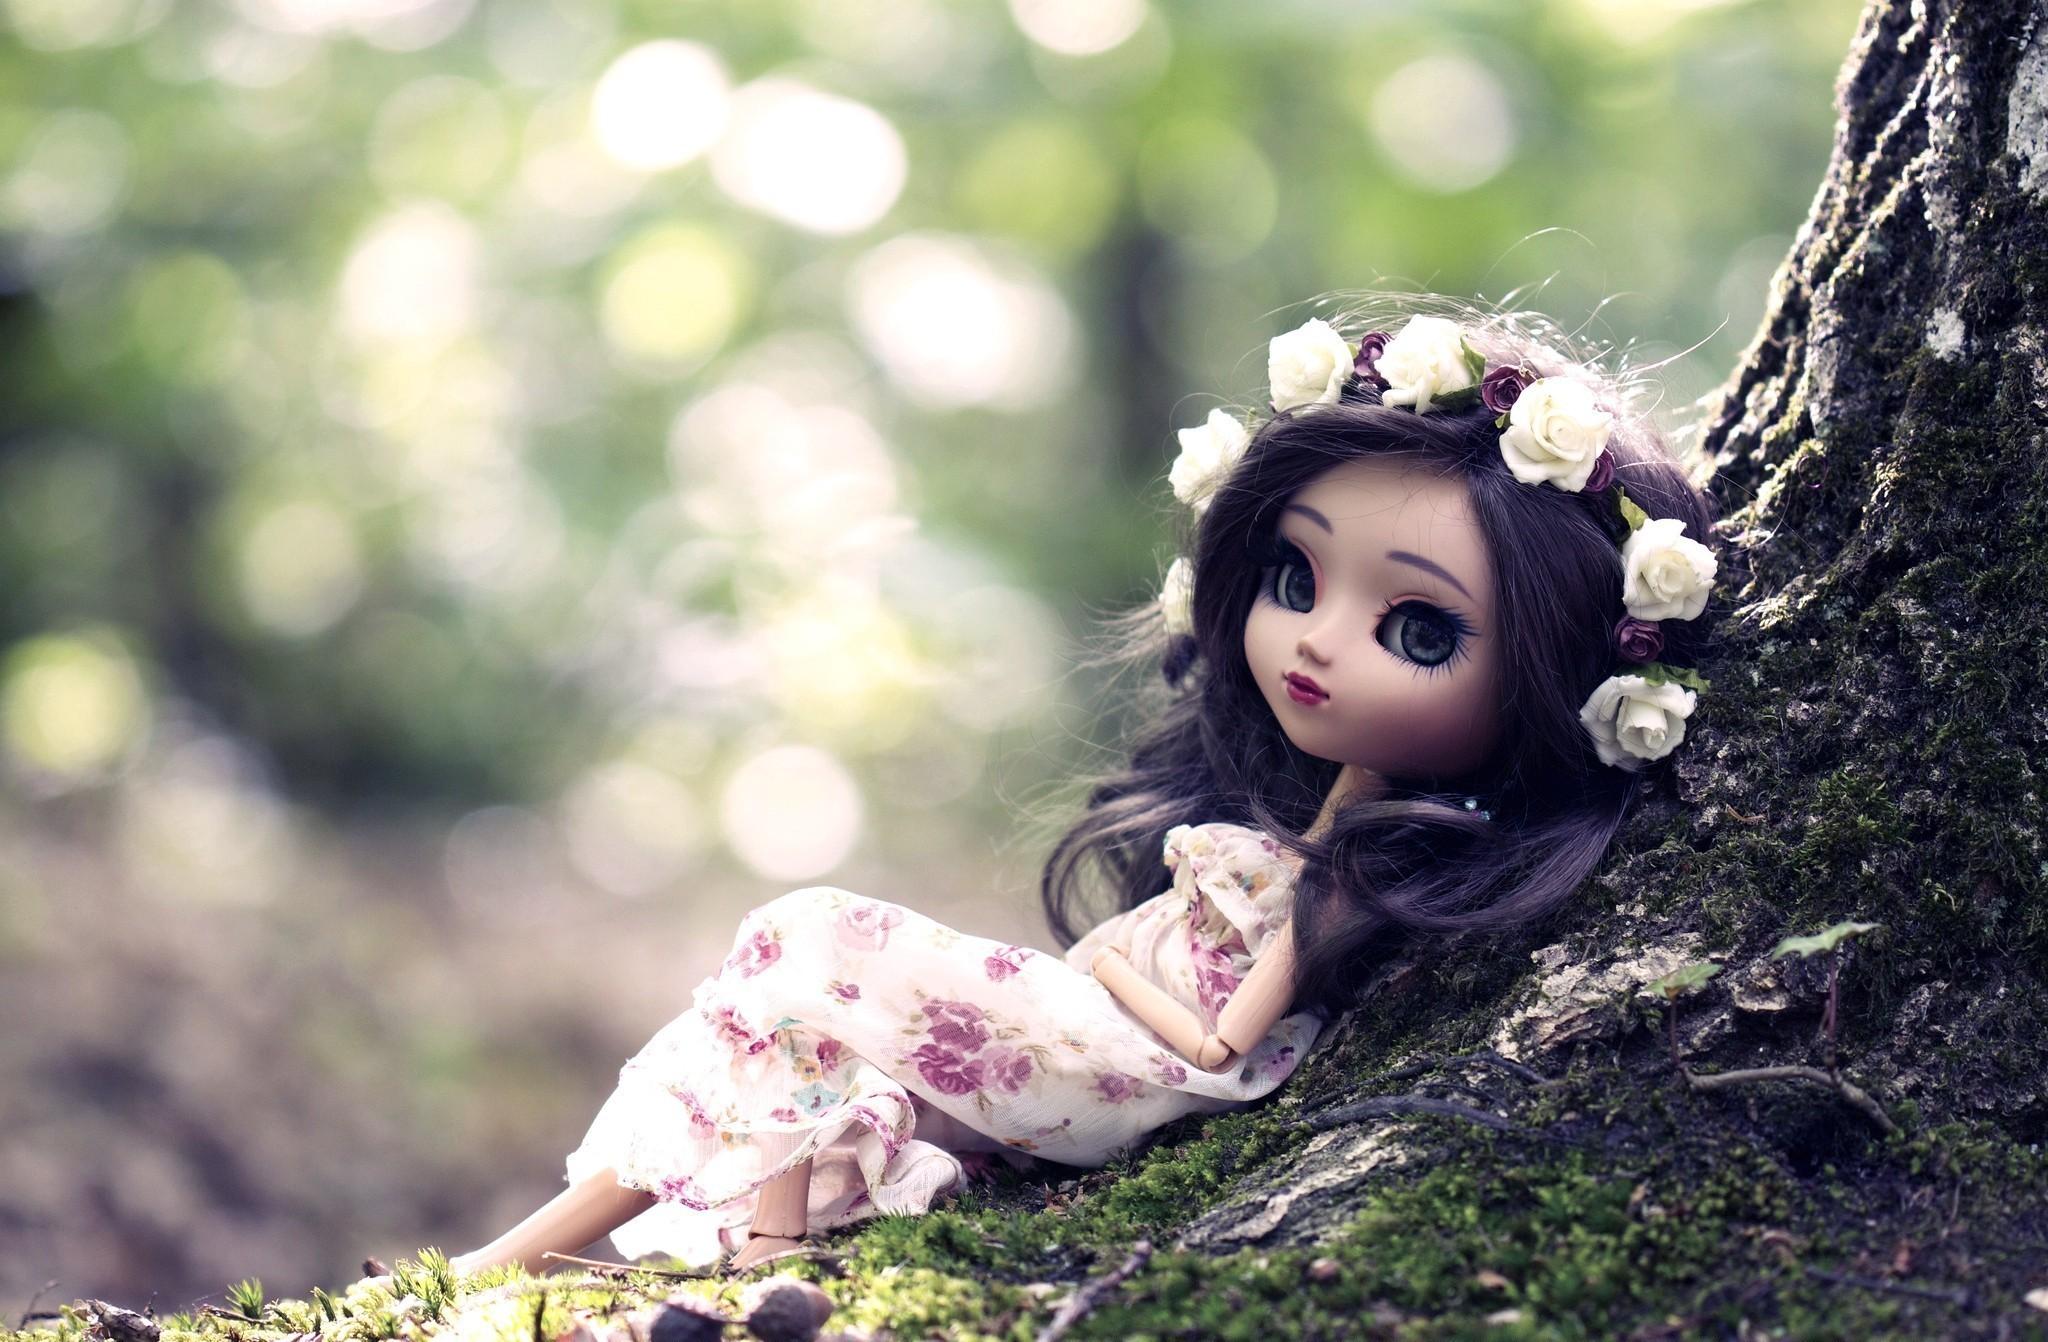 природа цветы кукла игрушка nature flowers doll toy скачать